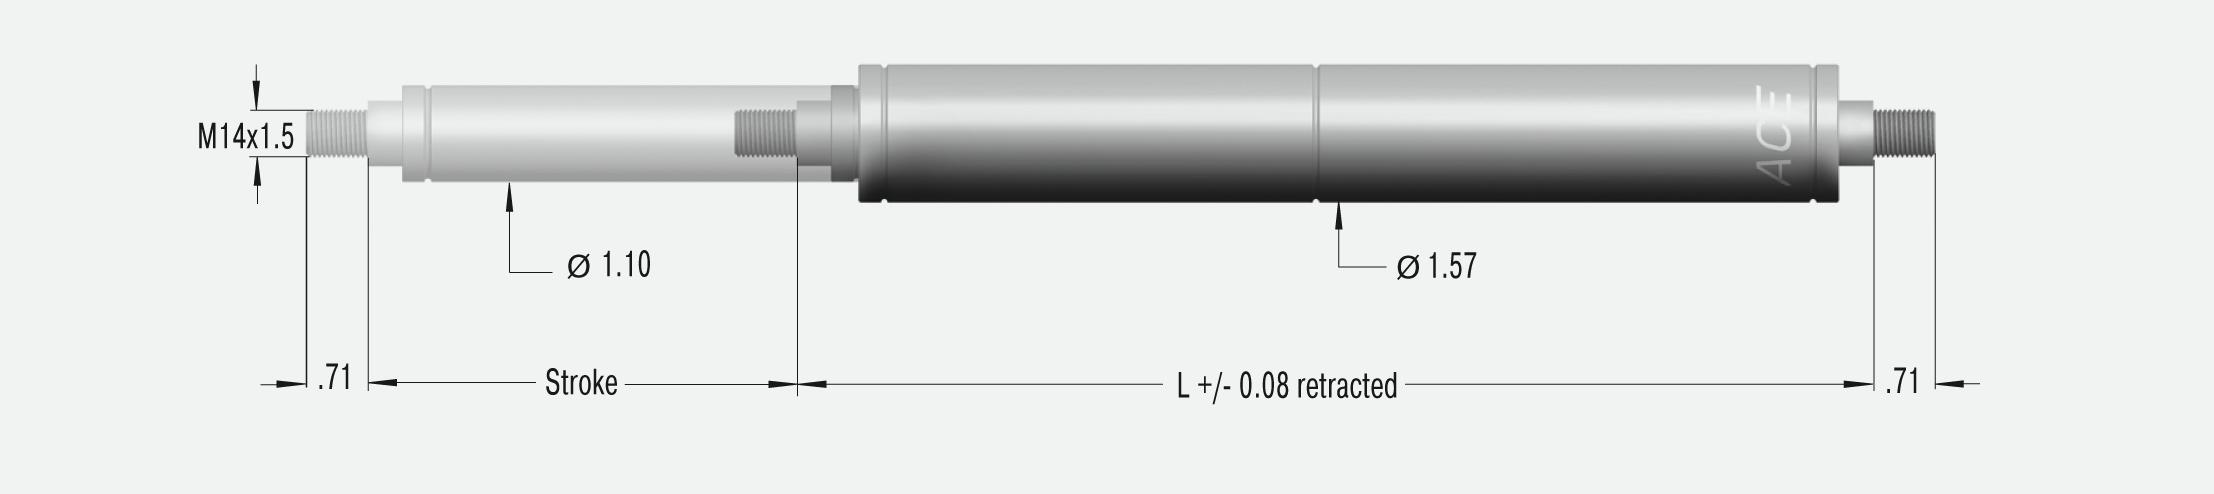 GZ-40-150-V4A